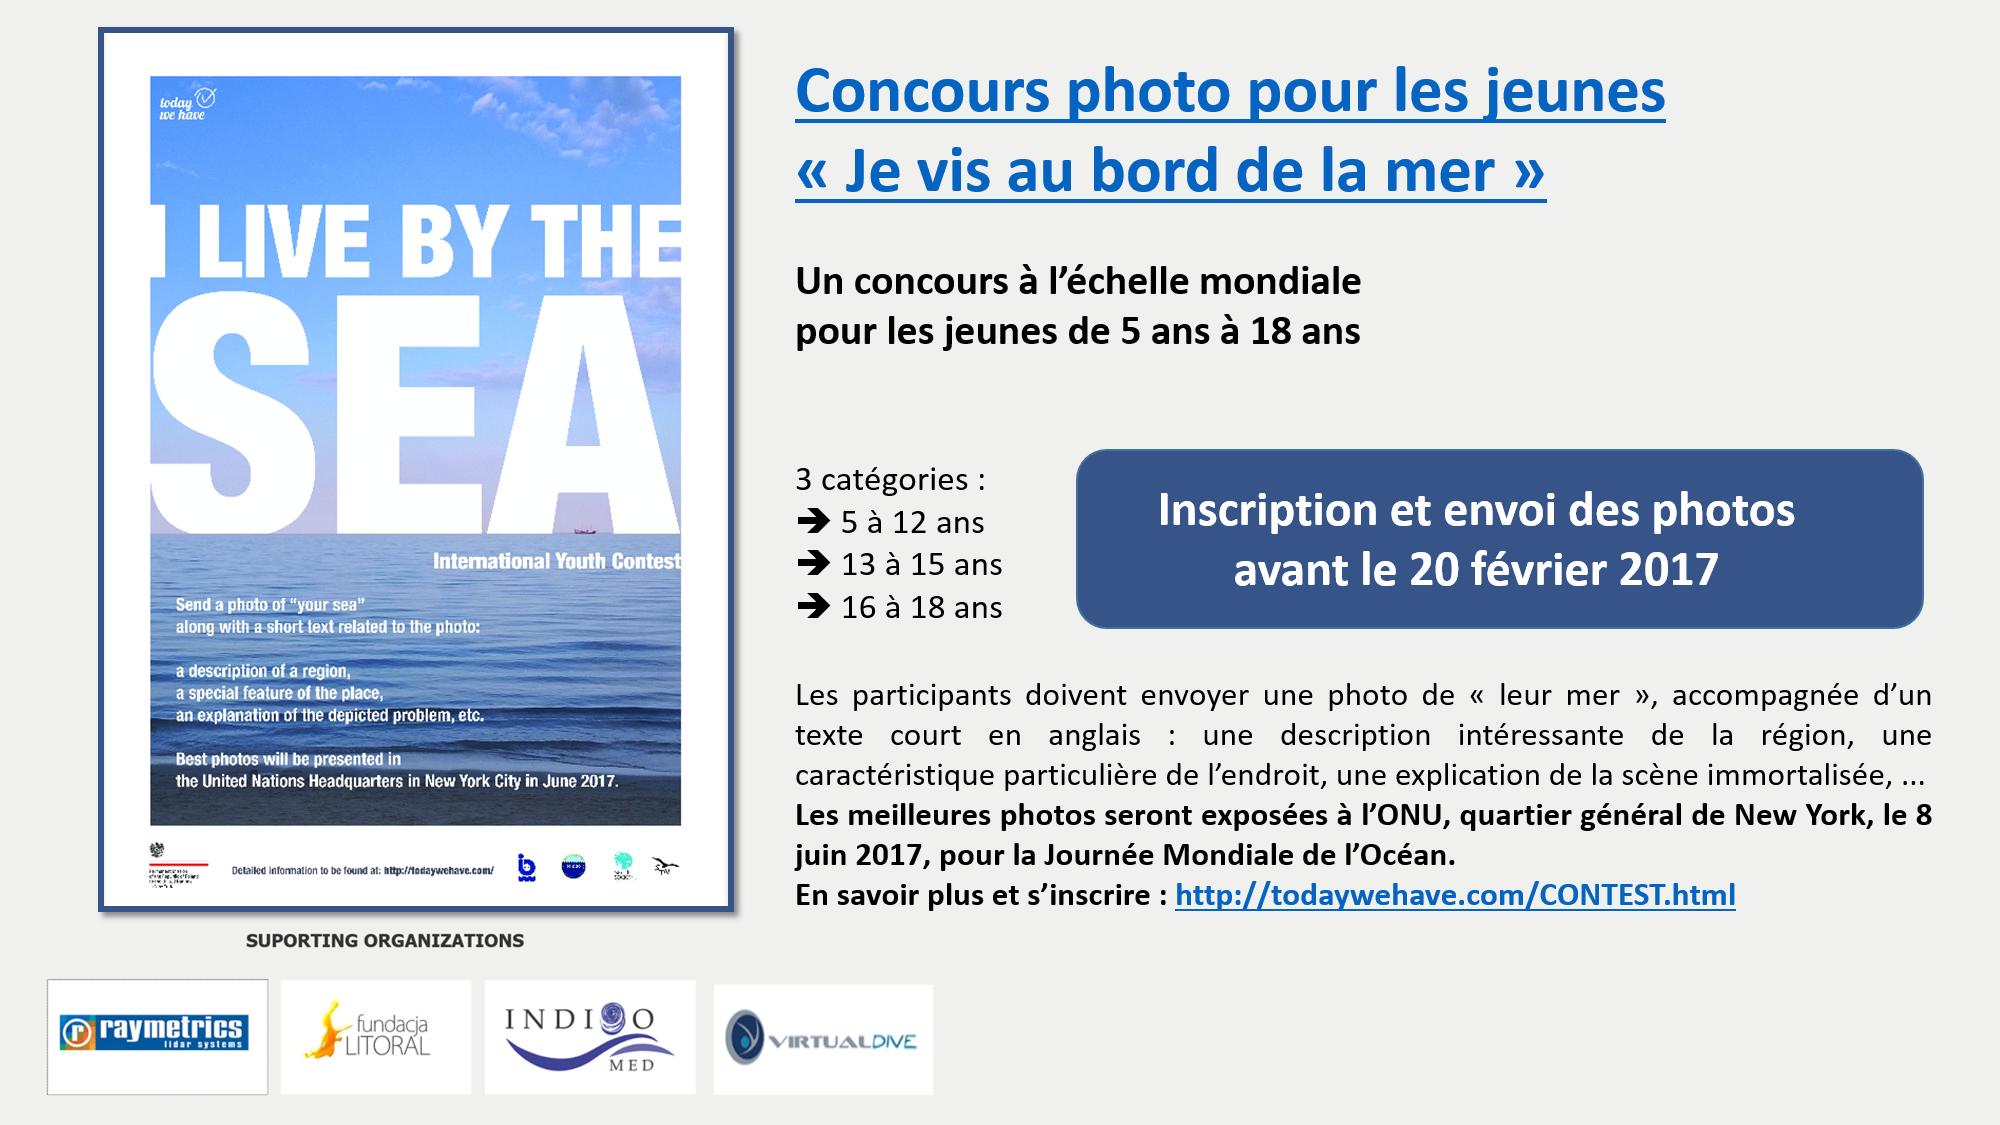 Concours photo pour les jeunes jusqu'au 20 février 2017